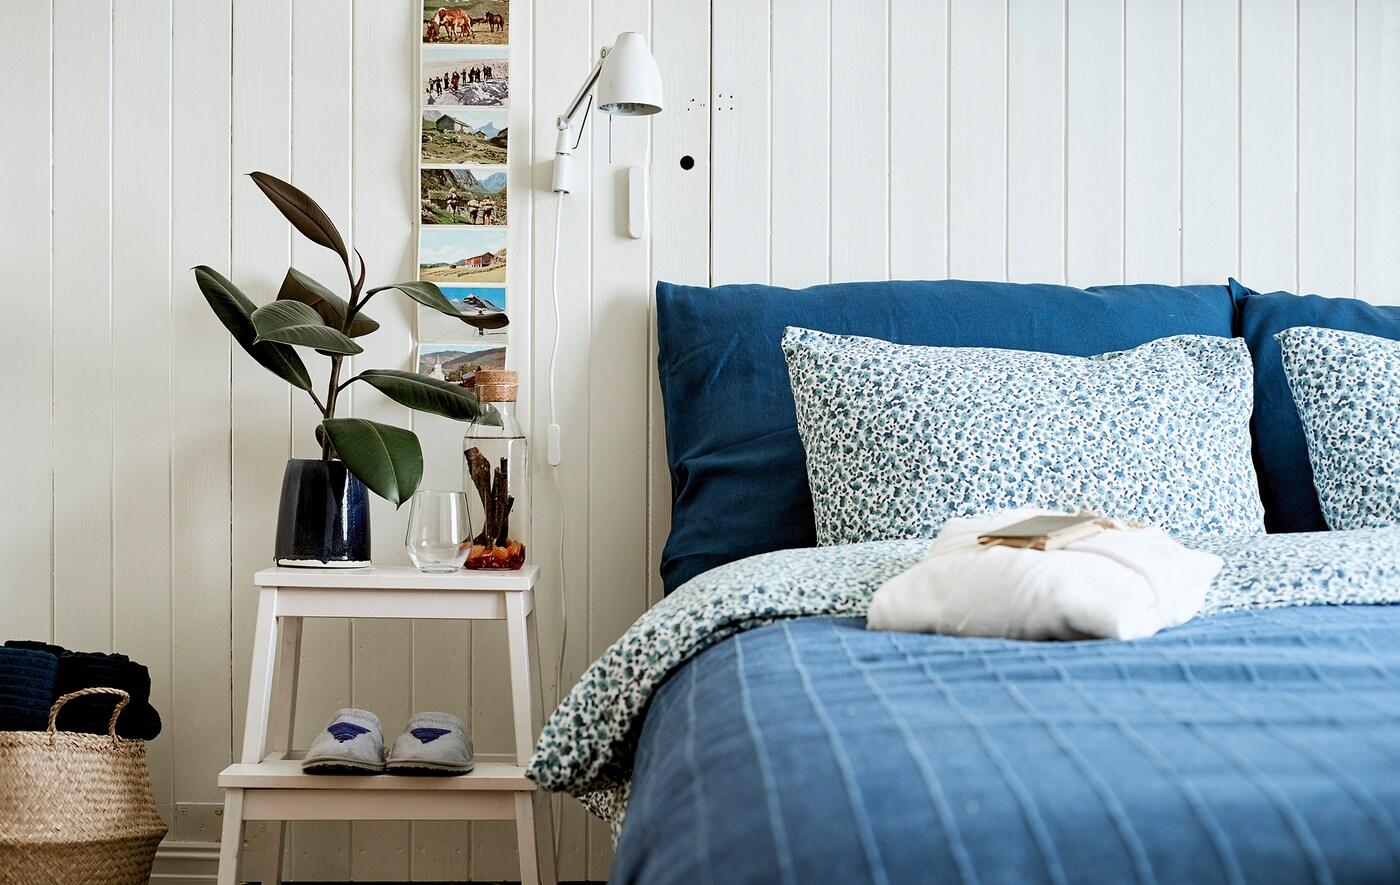 Bett mit blauer Bettwäsche, einer Trittstufe als Ablagetisch und darauf eine Karaffe mit Wasser und eine Zimmerpflanze.